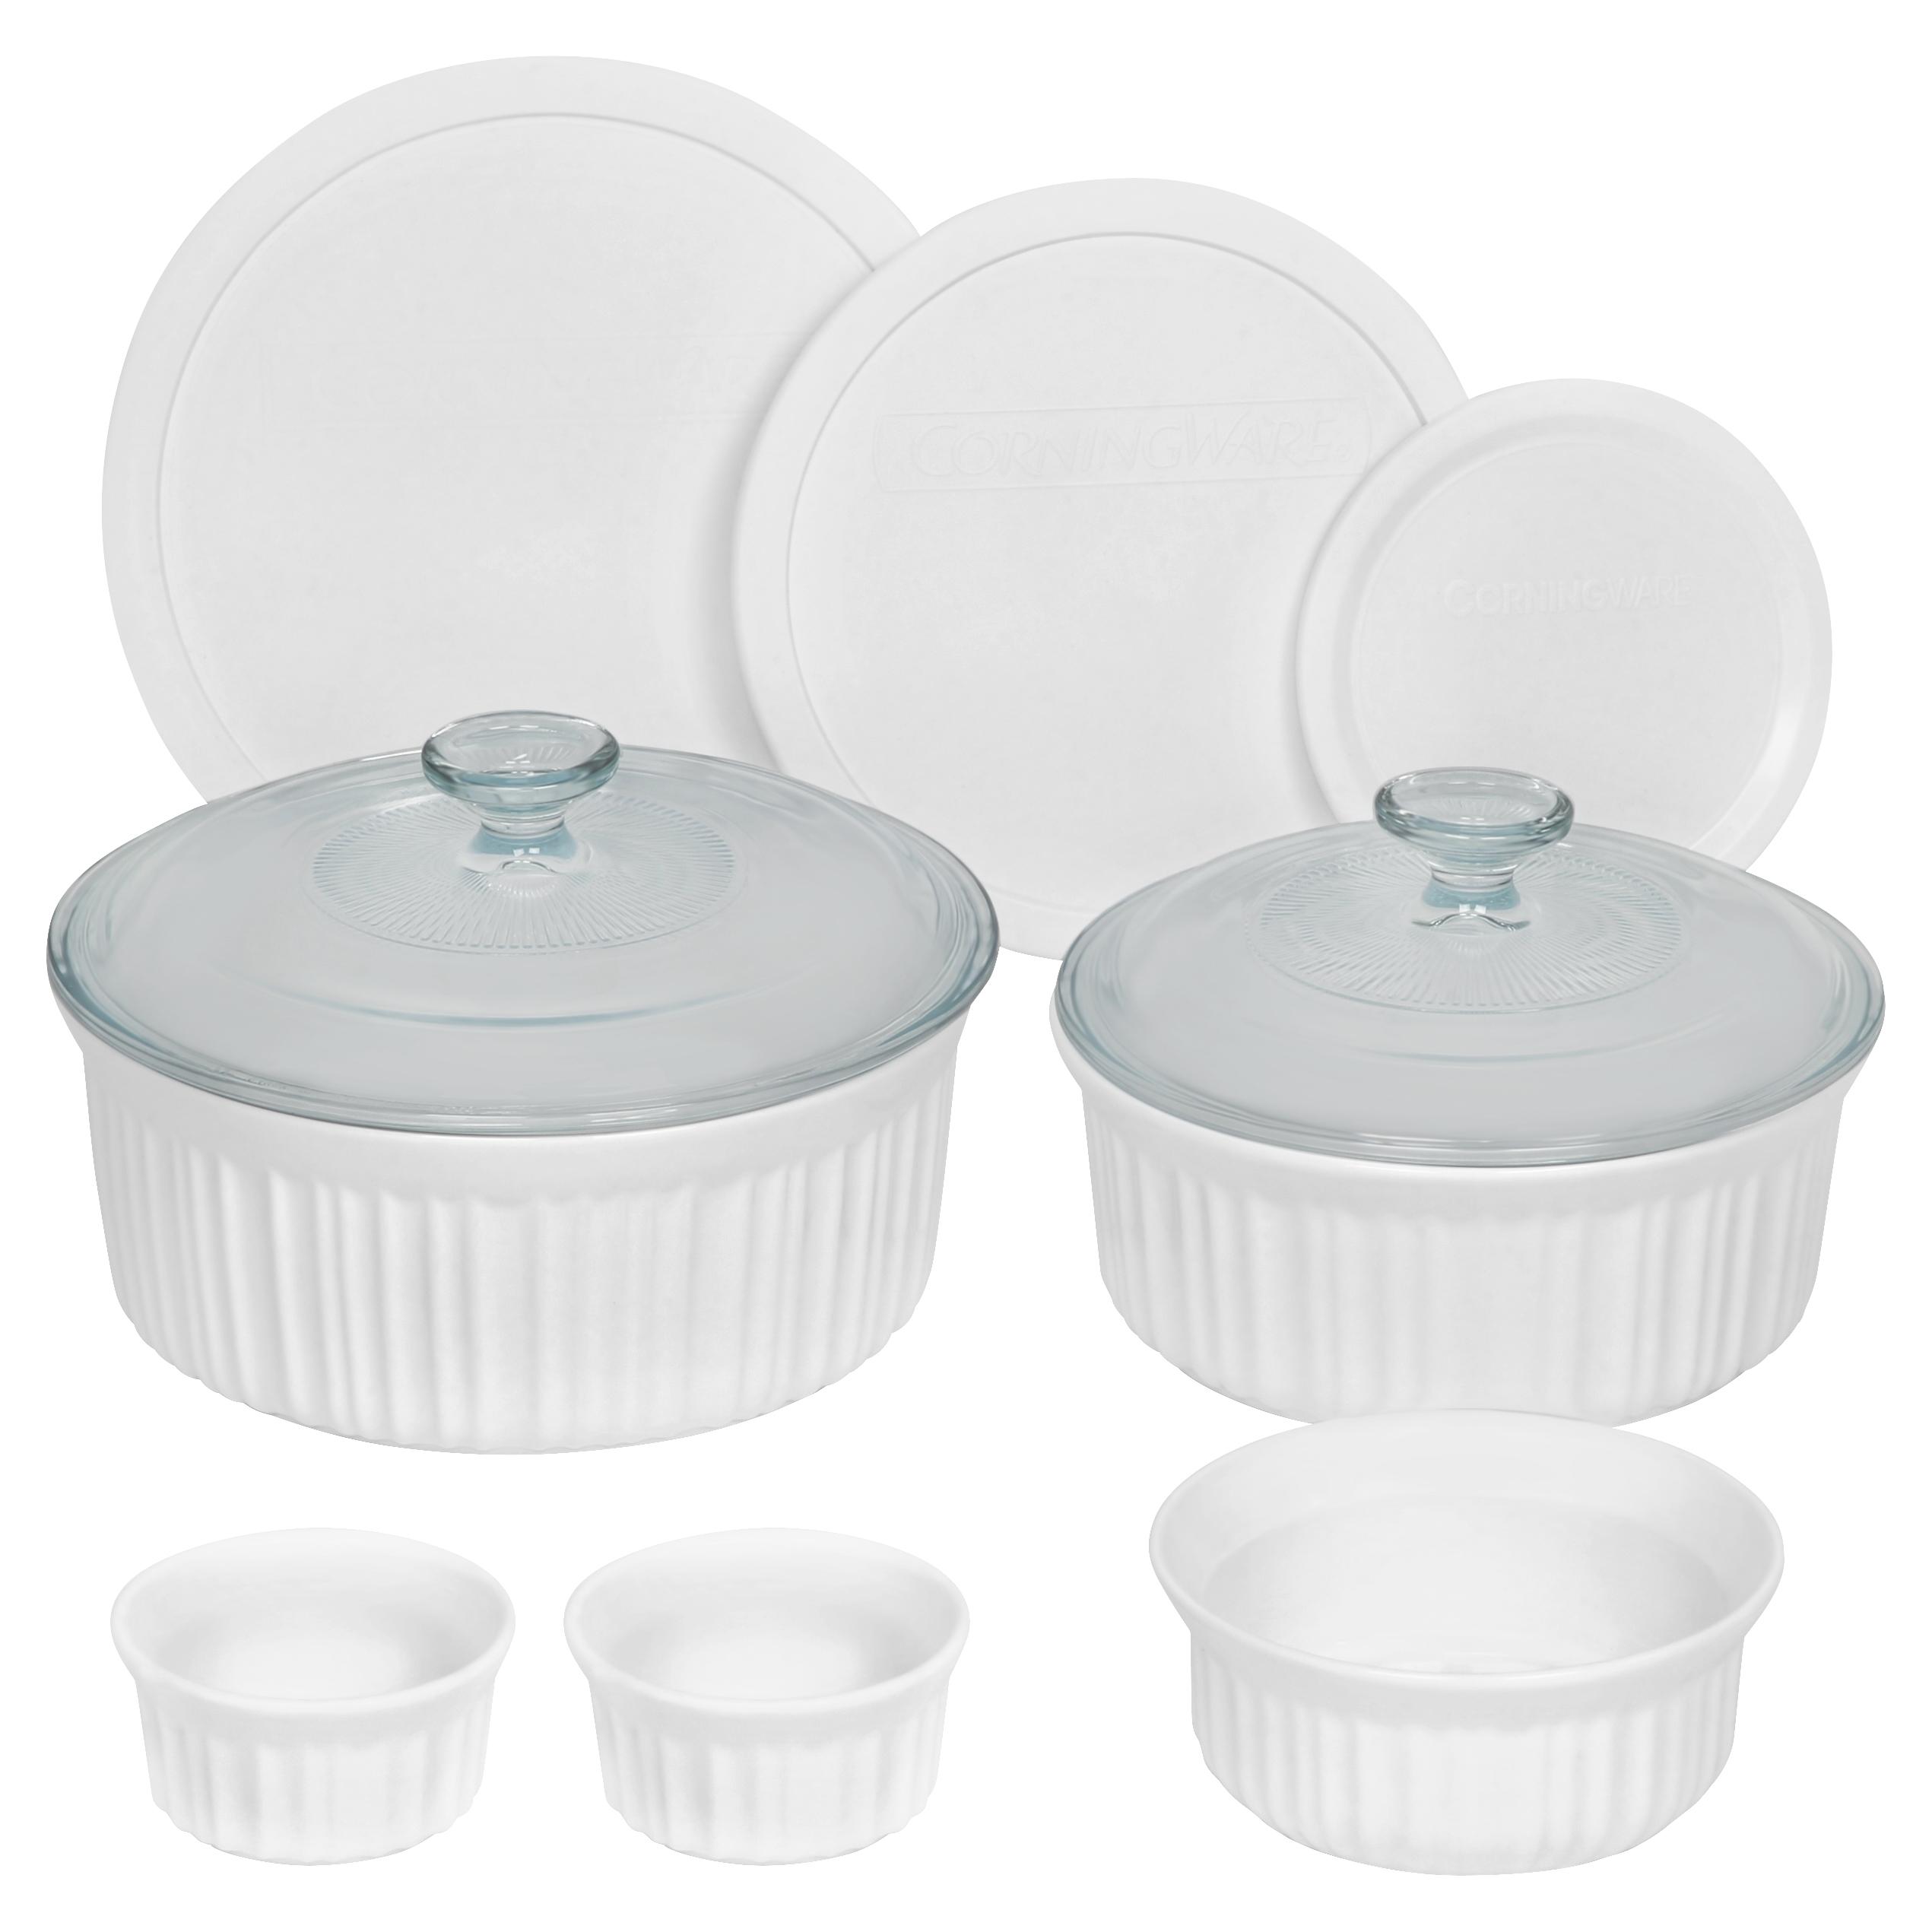 Image of Corning Ware 10 Piece Round Corningware Set, White